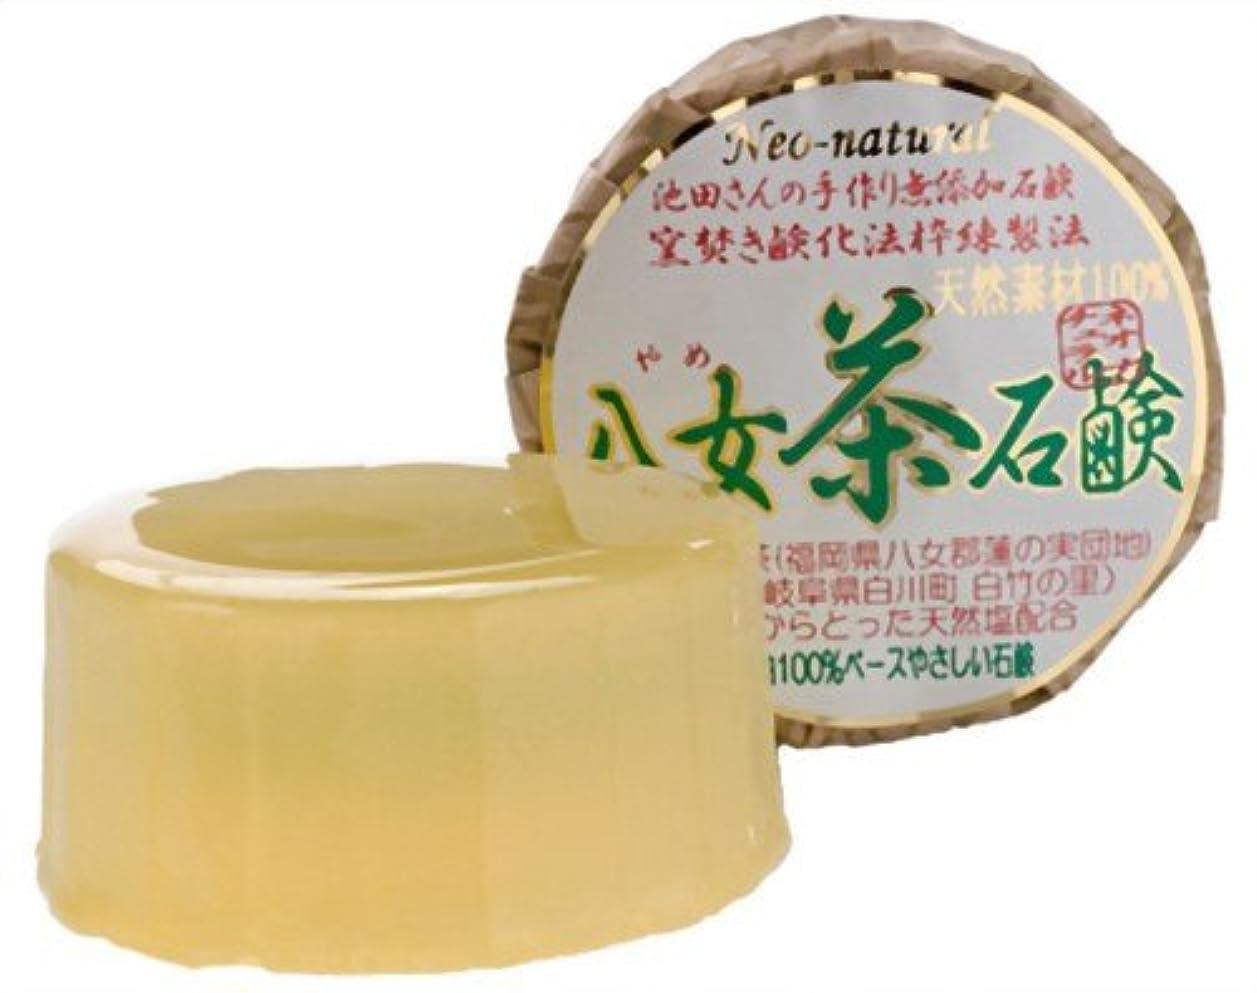 新年旋回冷淡なネオナチュラル 池田さんの八女茶石鹸 80g